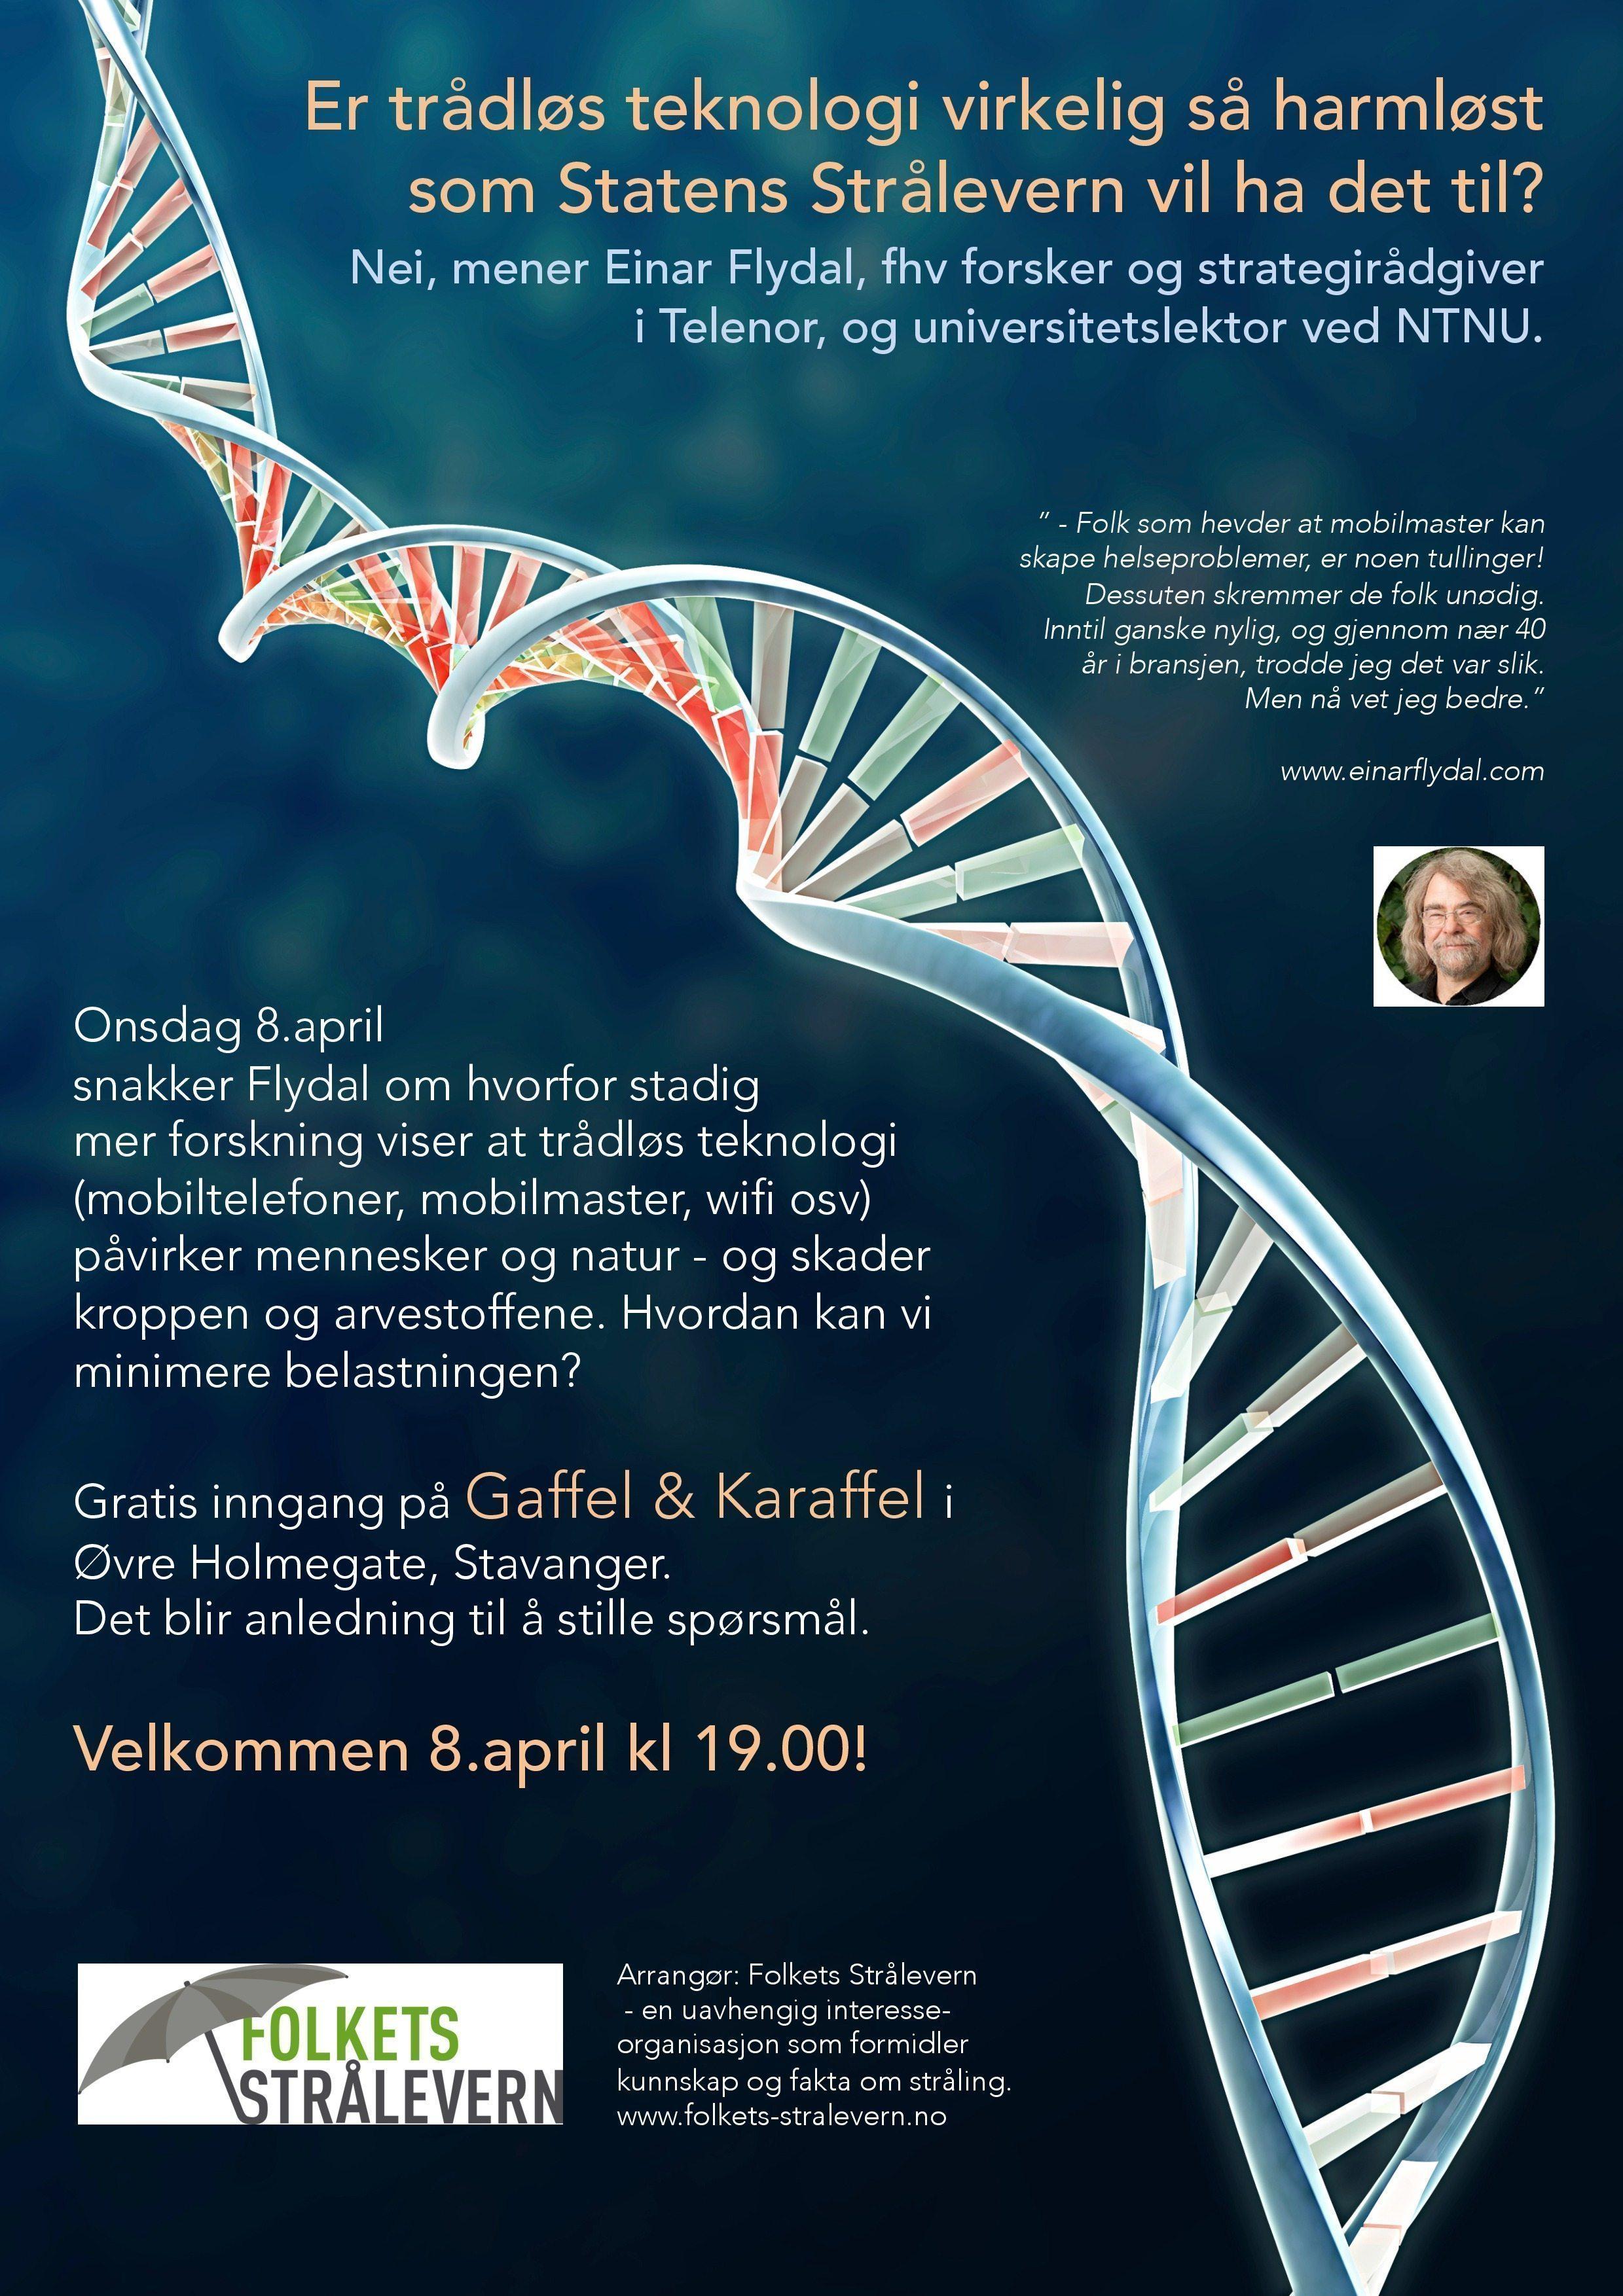 invitasjon-flydal-08.04.2015